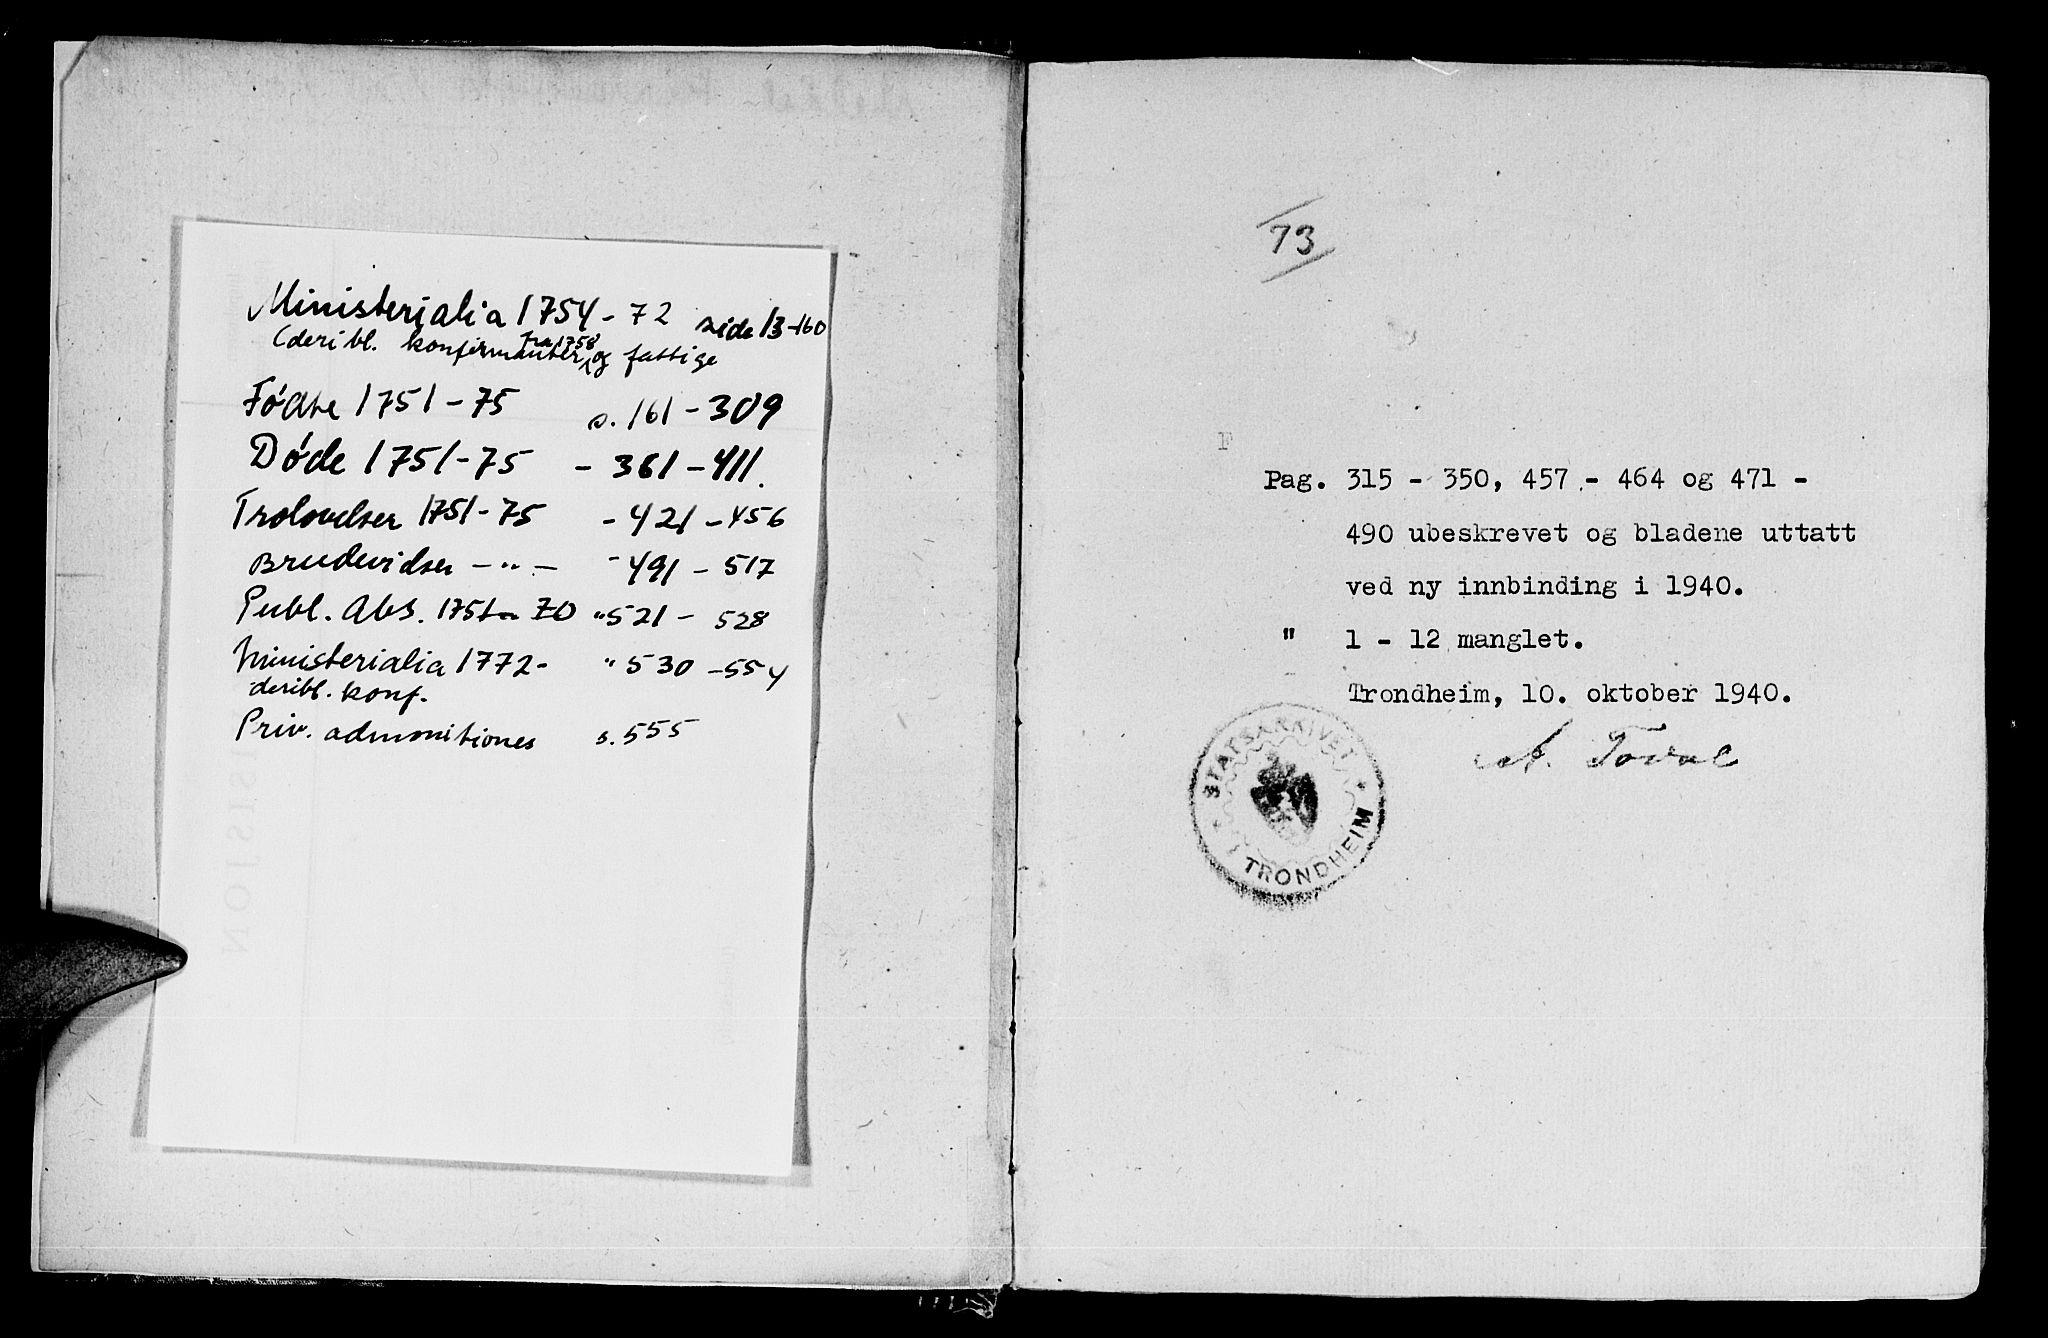 SAT, Ministerialprotokoller, klokkerbøker og fødselsregistre - Sør-Trøndelag, 672/L0851: Ministerialbok nr. 672A04, 1751-1775